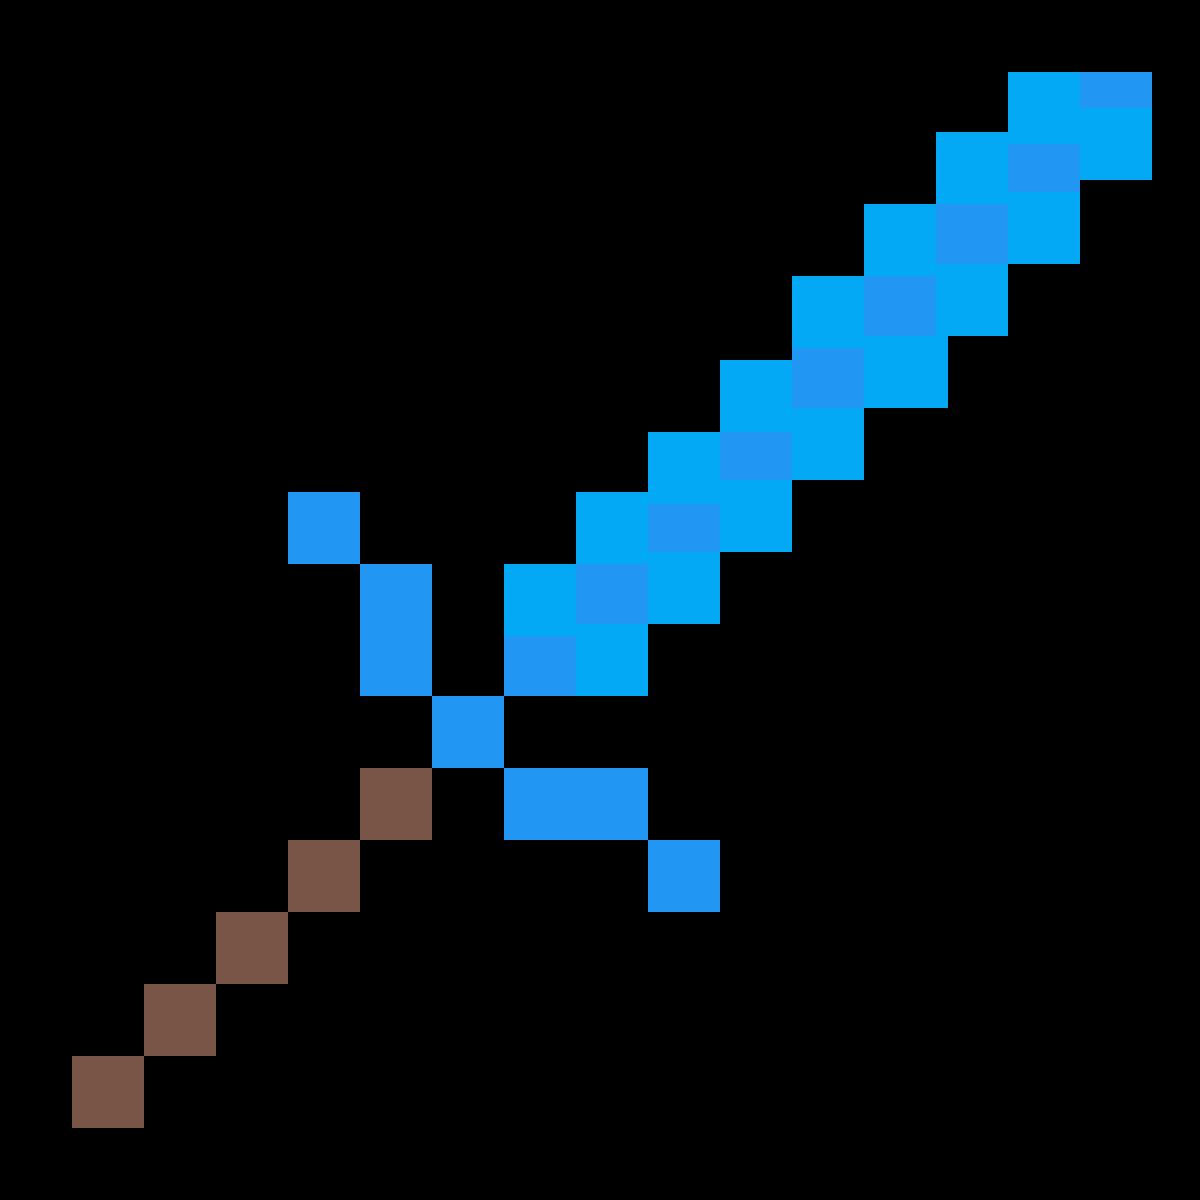 как рисовать меч из майнкрафта #9